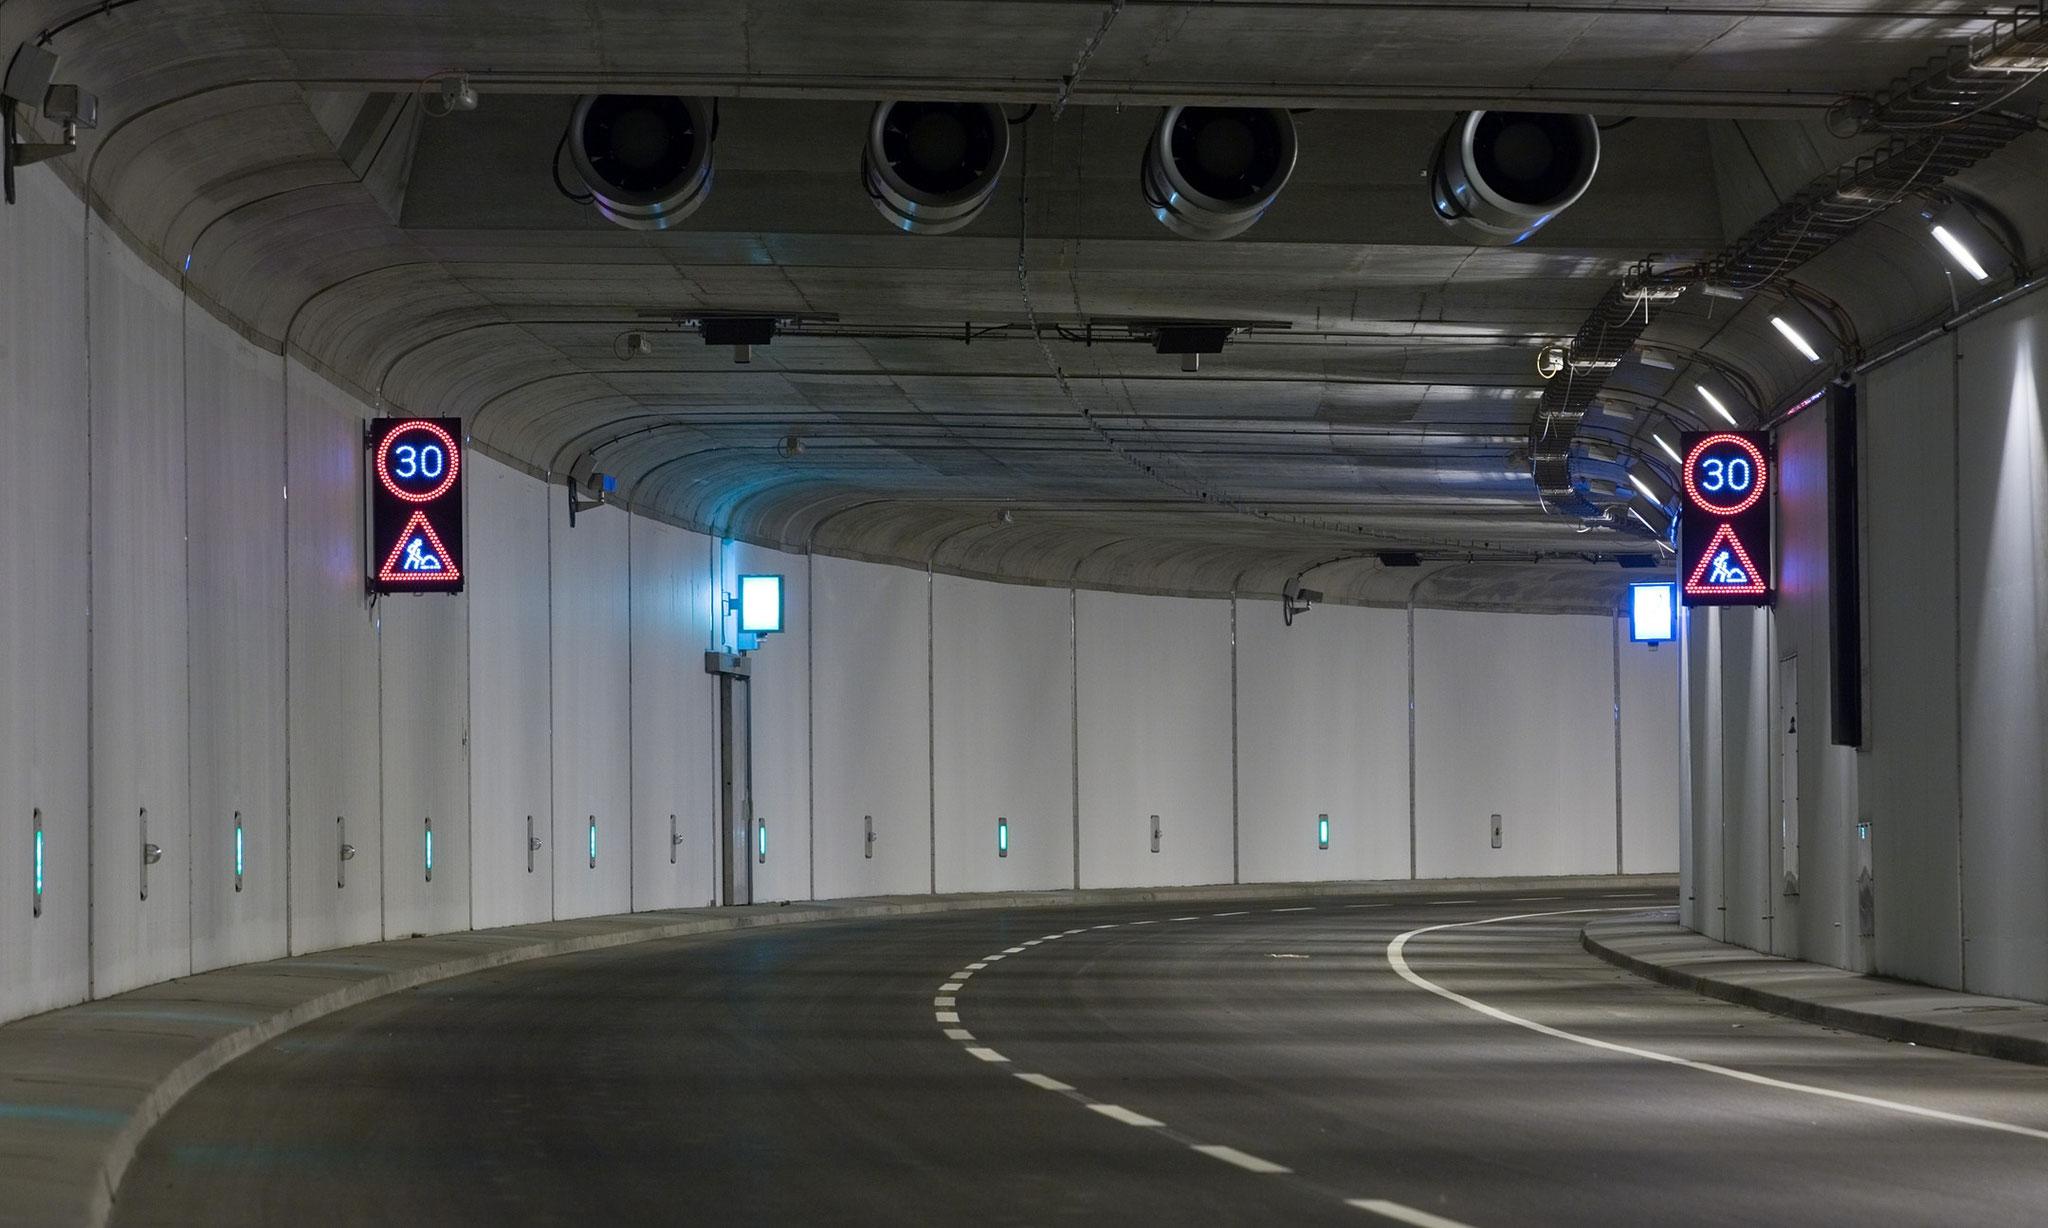 Tiergartentunnel Berlin